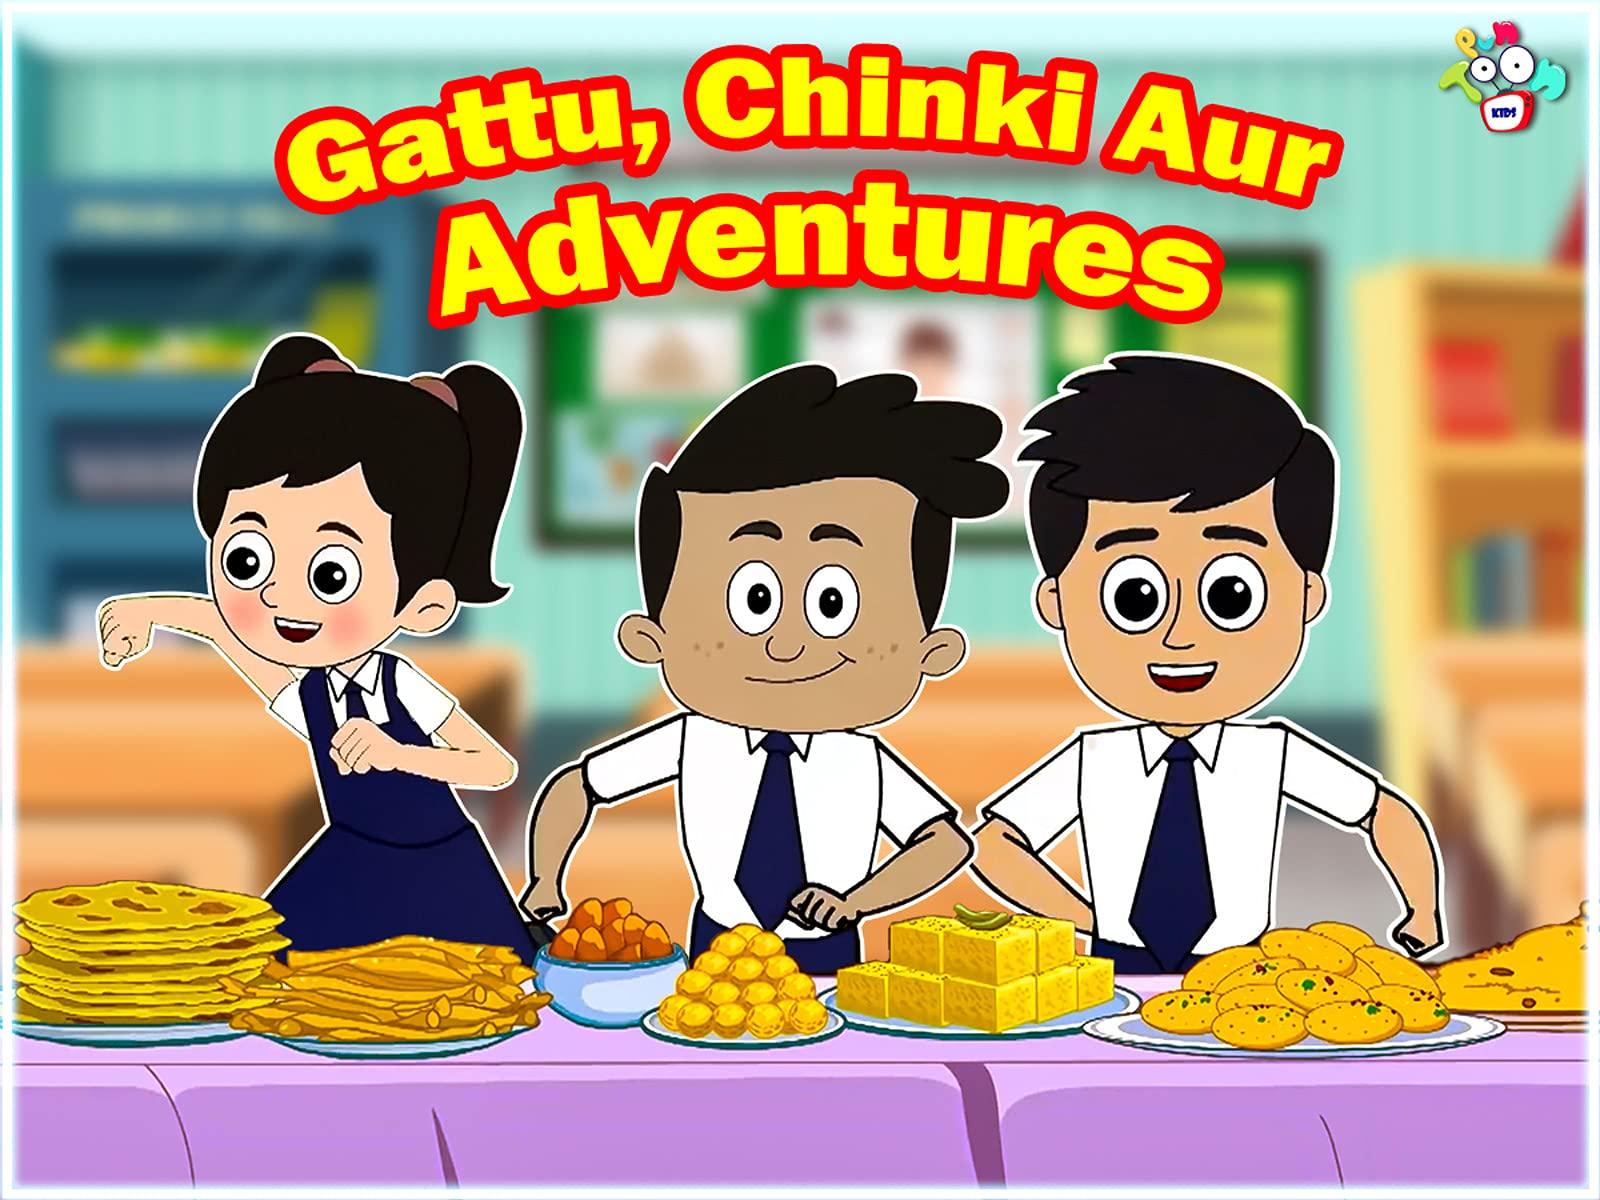 Gattu, Chinkli Aur Adventures - Season 1